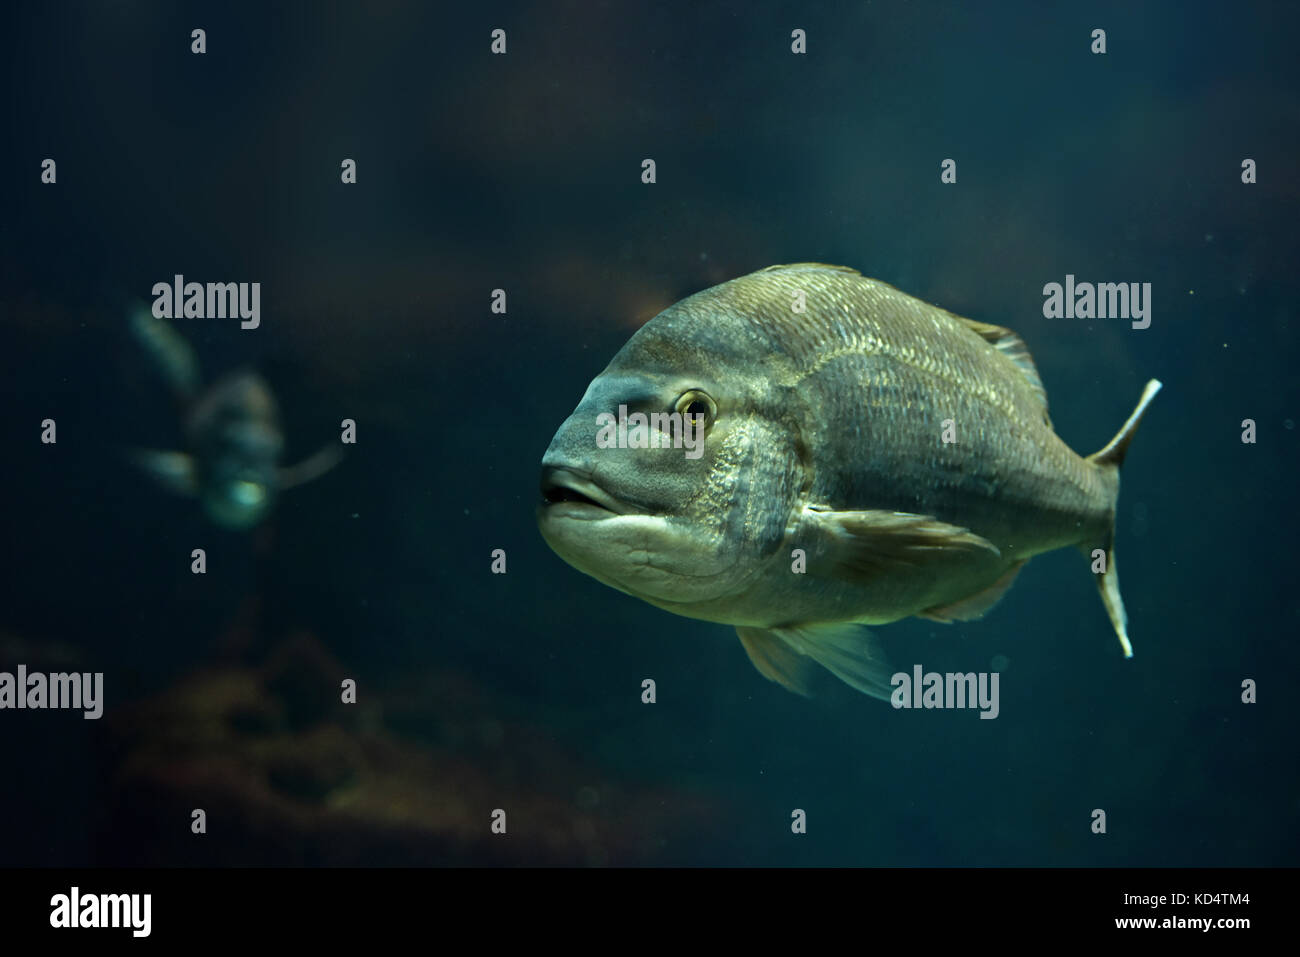 Shark tank diver stock photos shark tank diver stock for Lot of fish